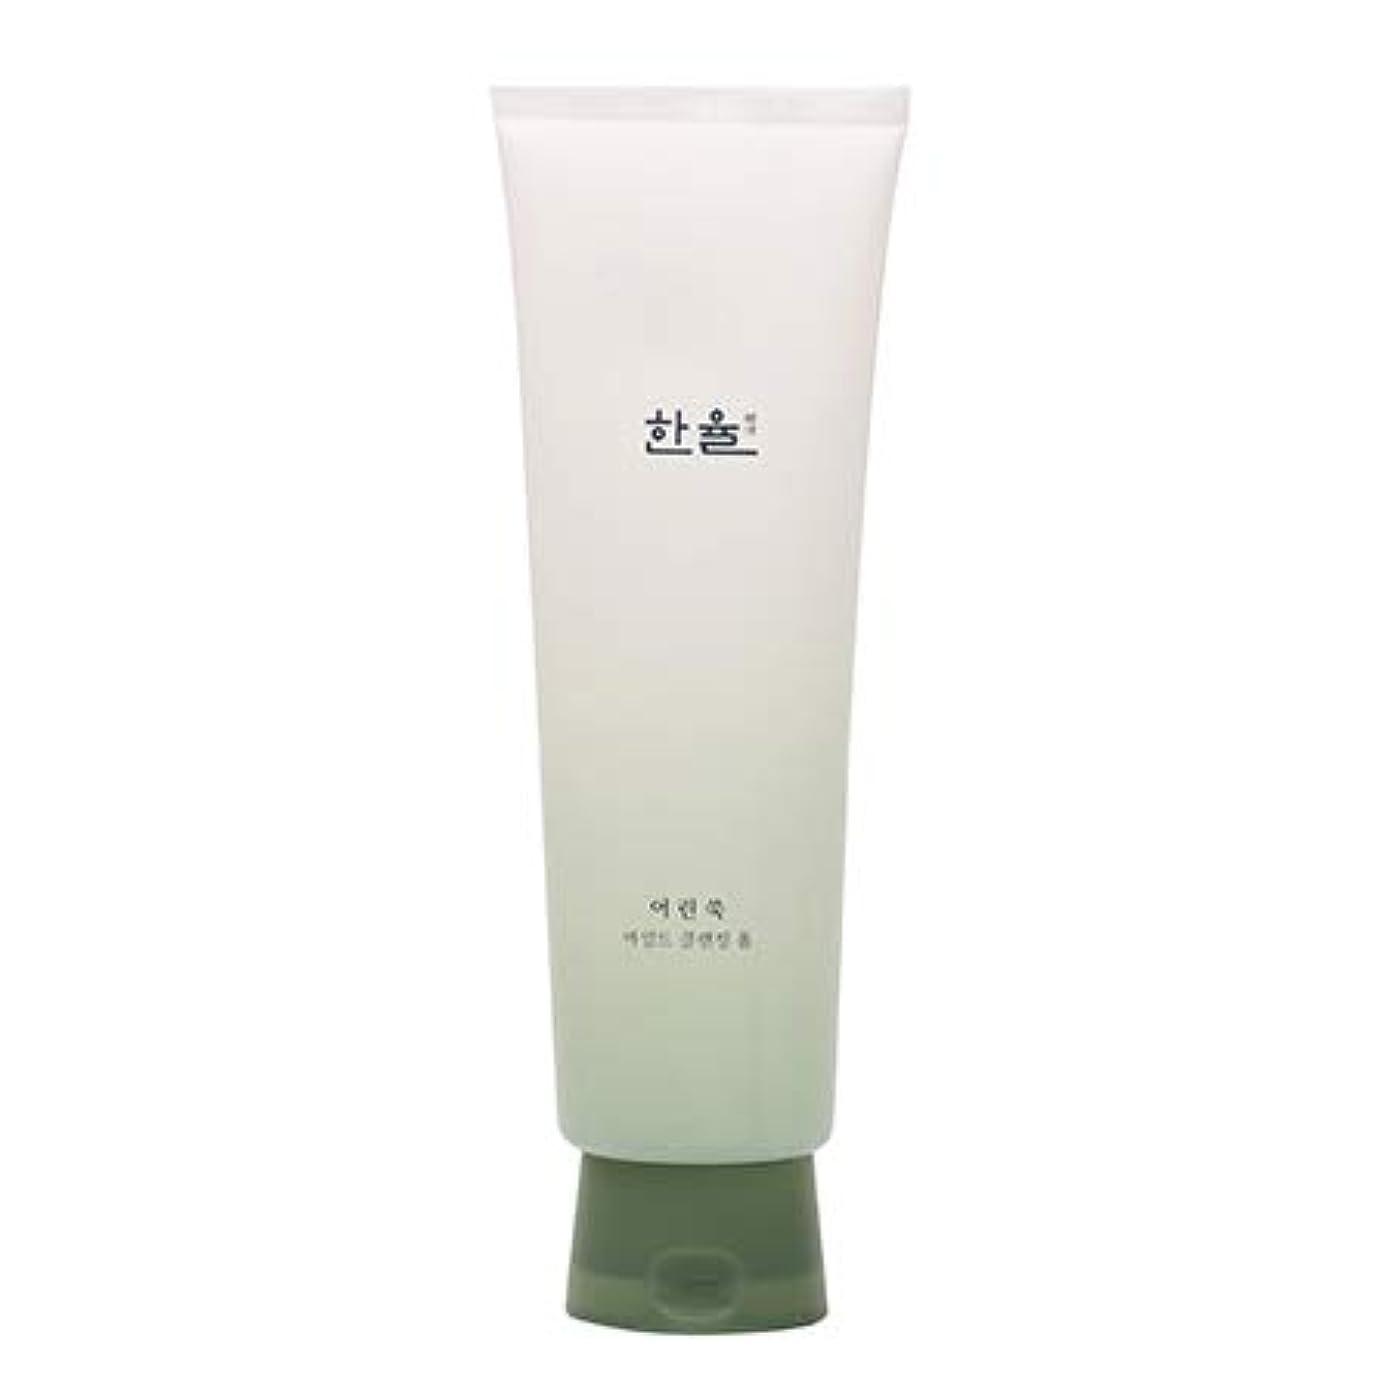 概念バウンド称賛ハンユル HANYUL ピュア ヨモギ マイルド クレンジングフォーム Pure Artemisia Mild Cleansing Foam 170ml [並行輸入品]